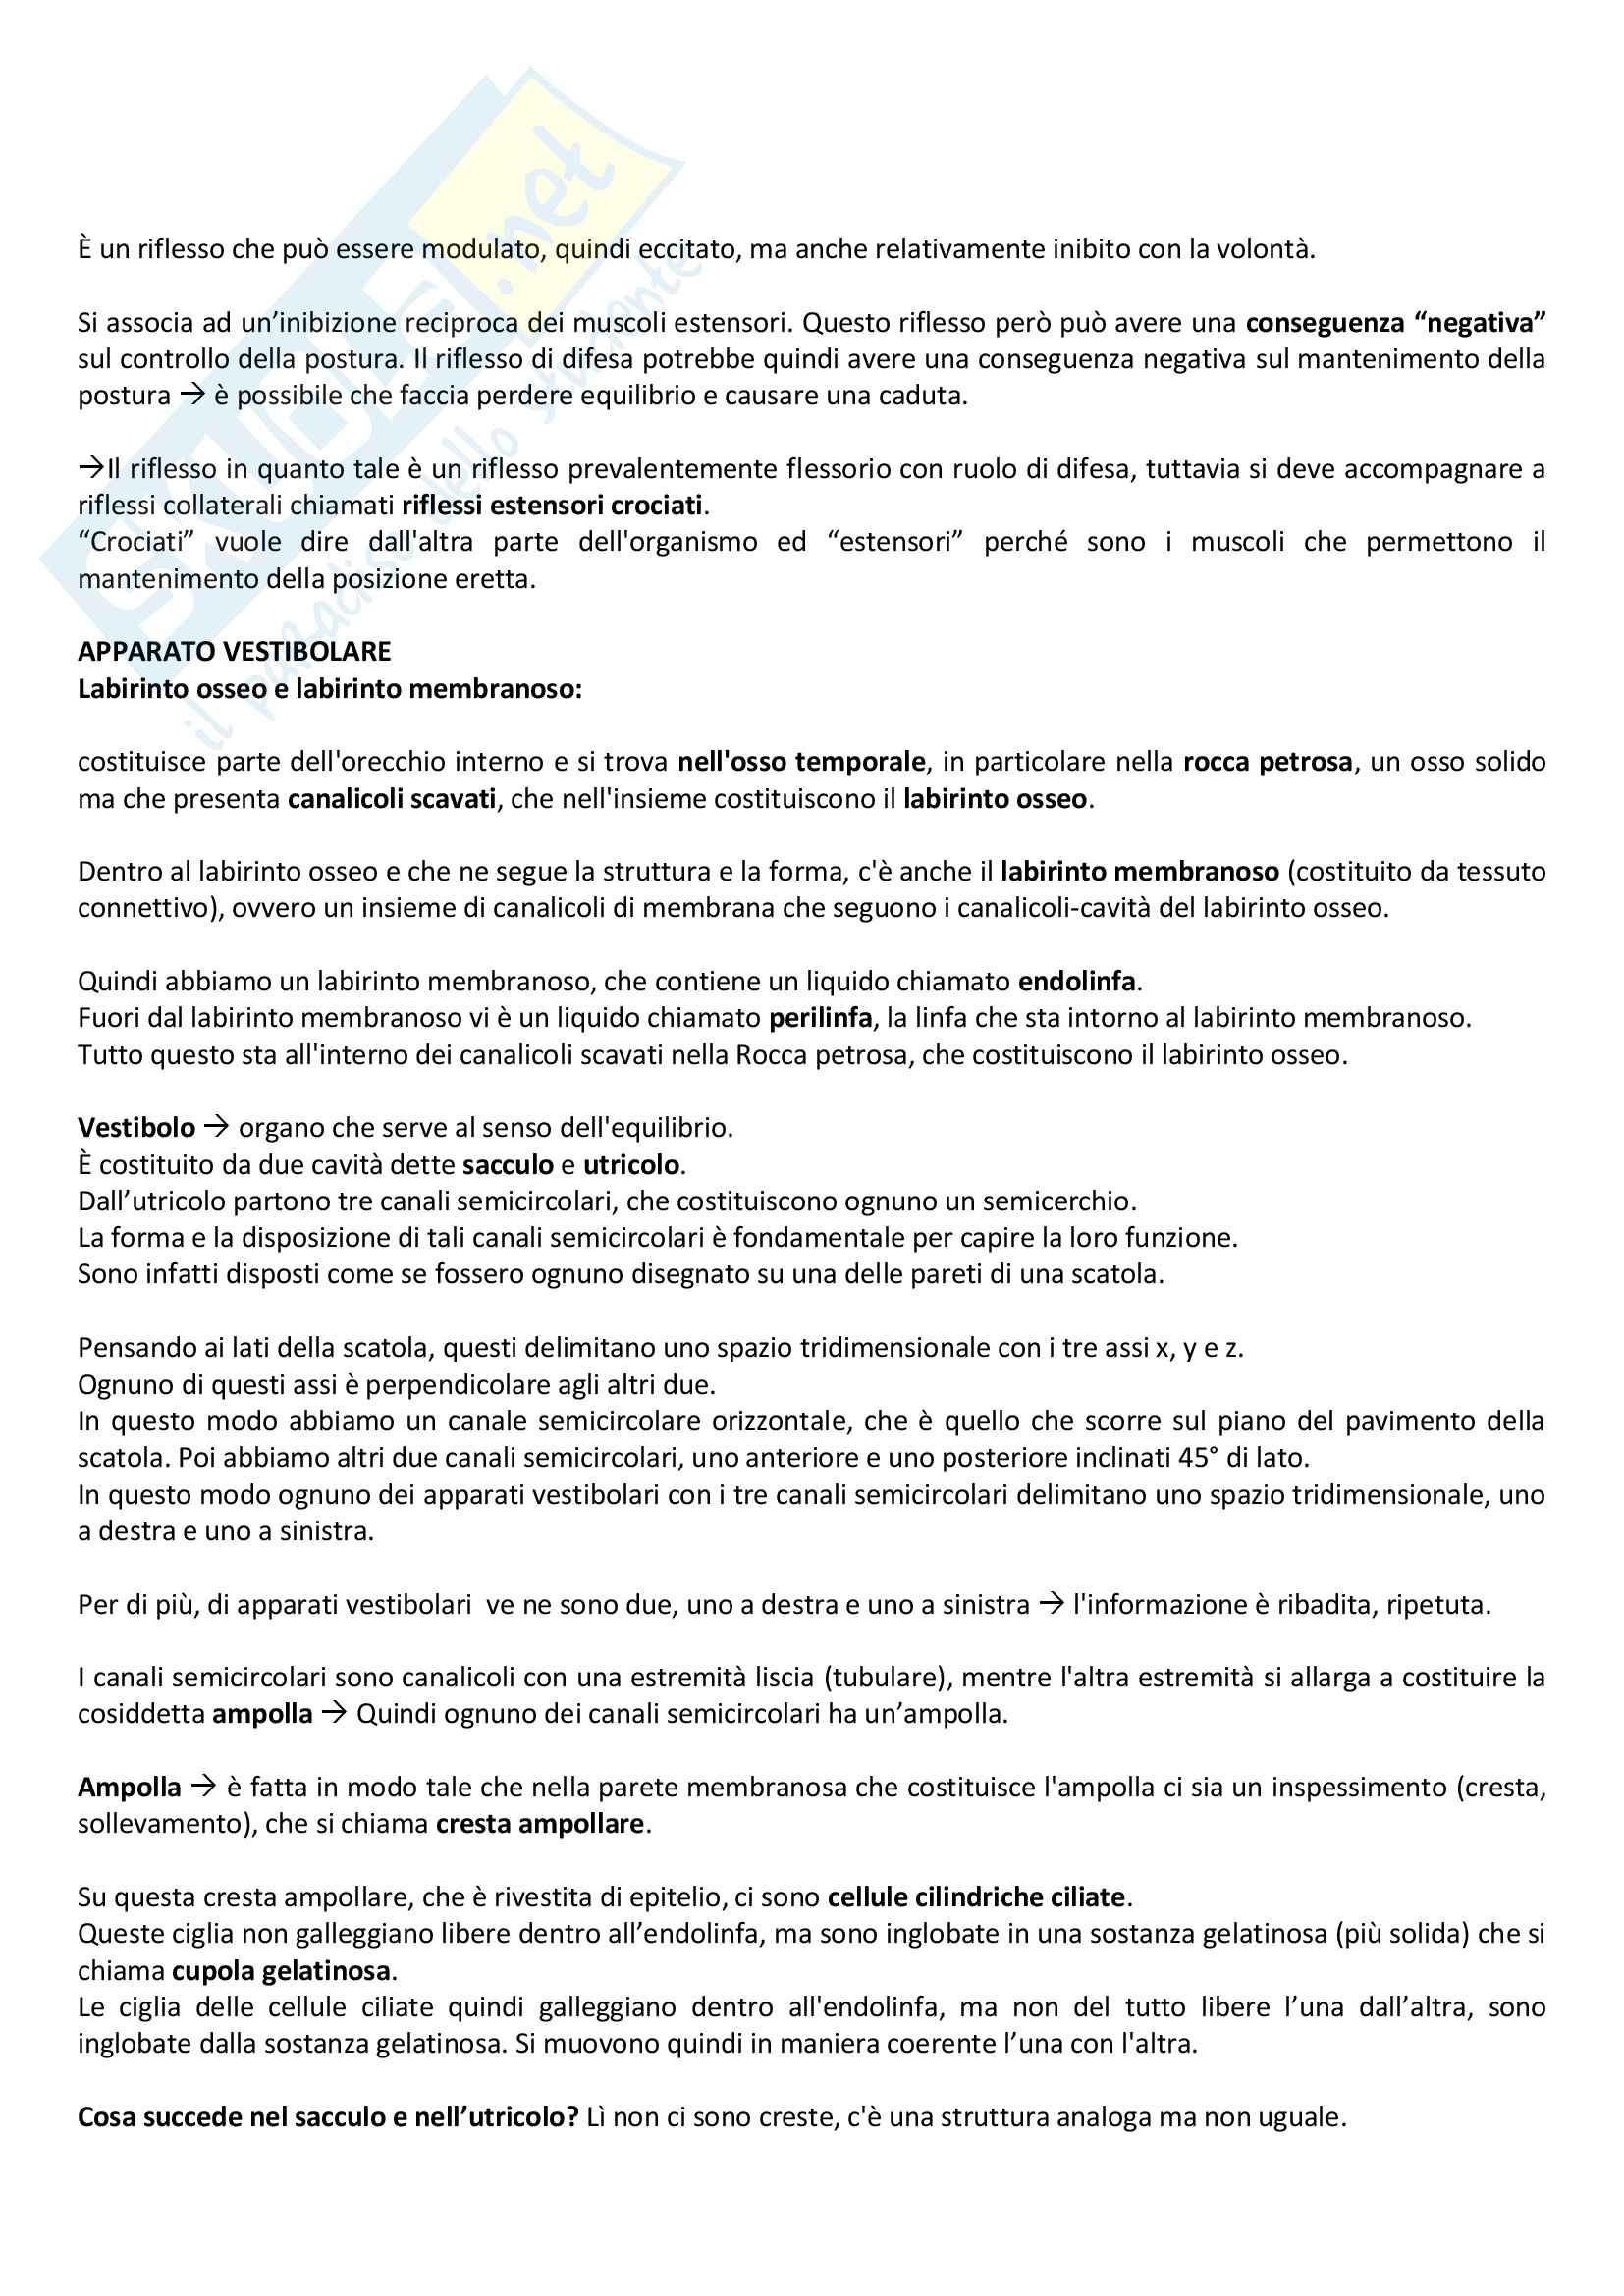 Neurofisiologia Pag. 31